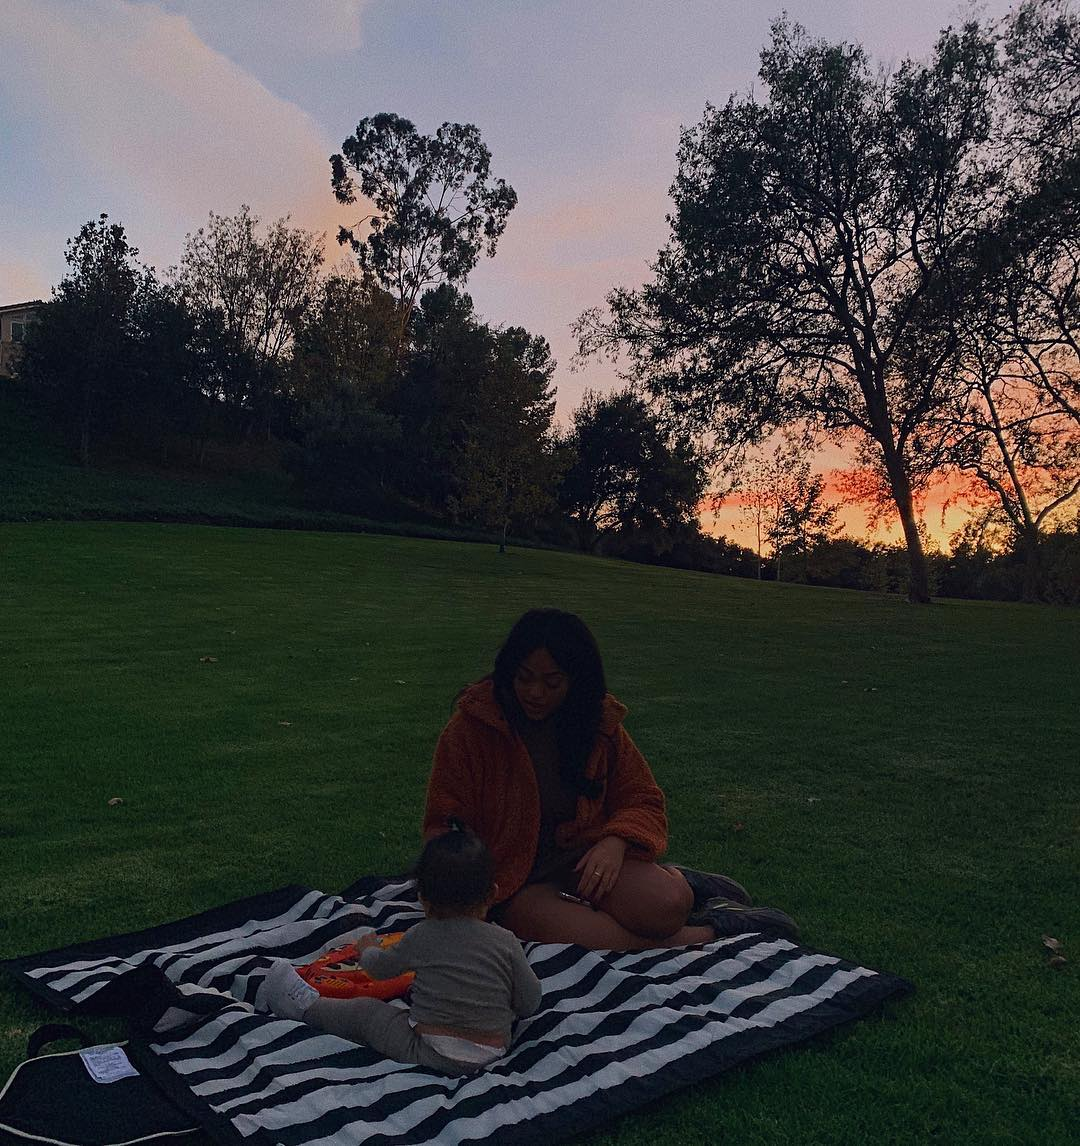 Kylie Jenner enternece a las redes sociales. (Foto: Instagram)